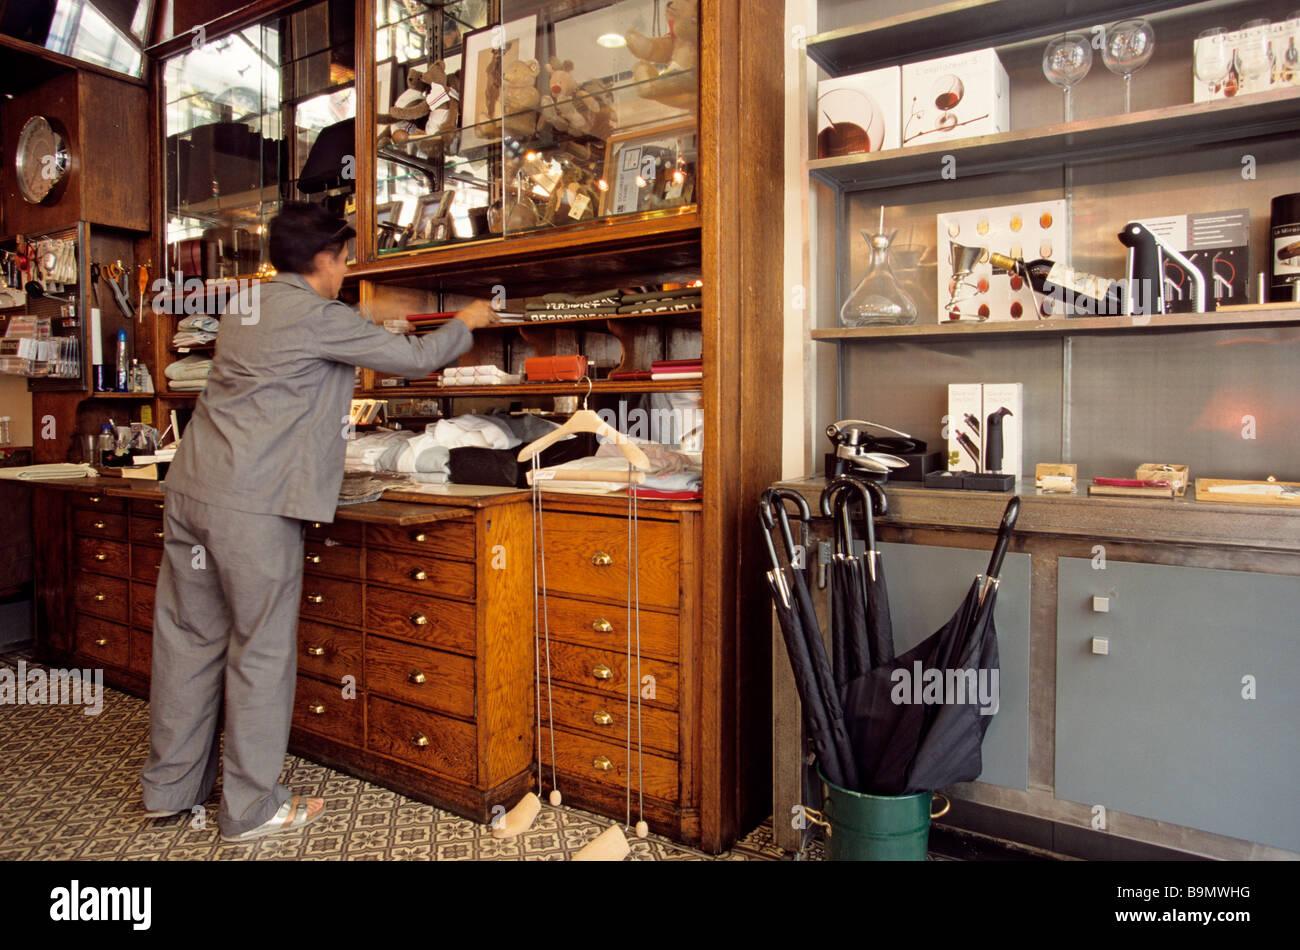 France, Paris, Rue Saint-Honoré, men's specialty shop, Il pour l'homme - Stock Image